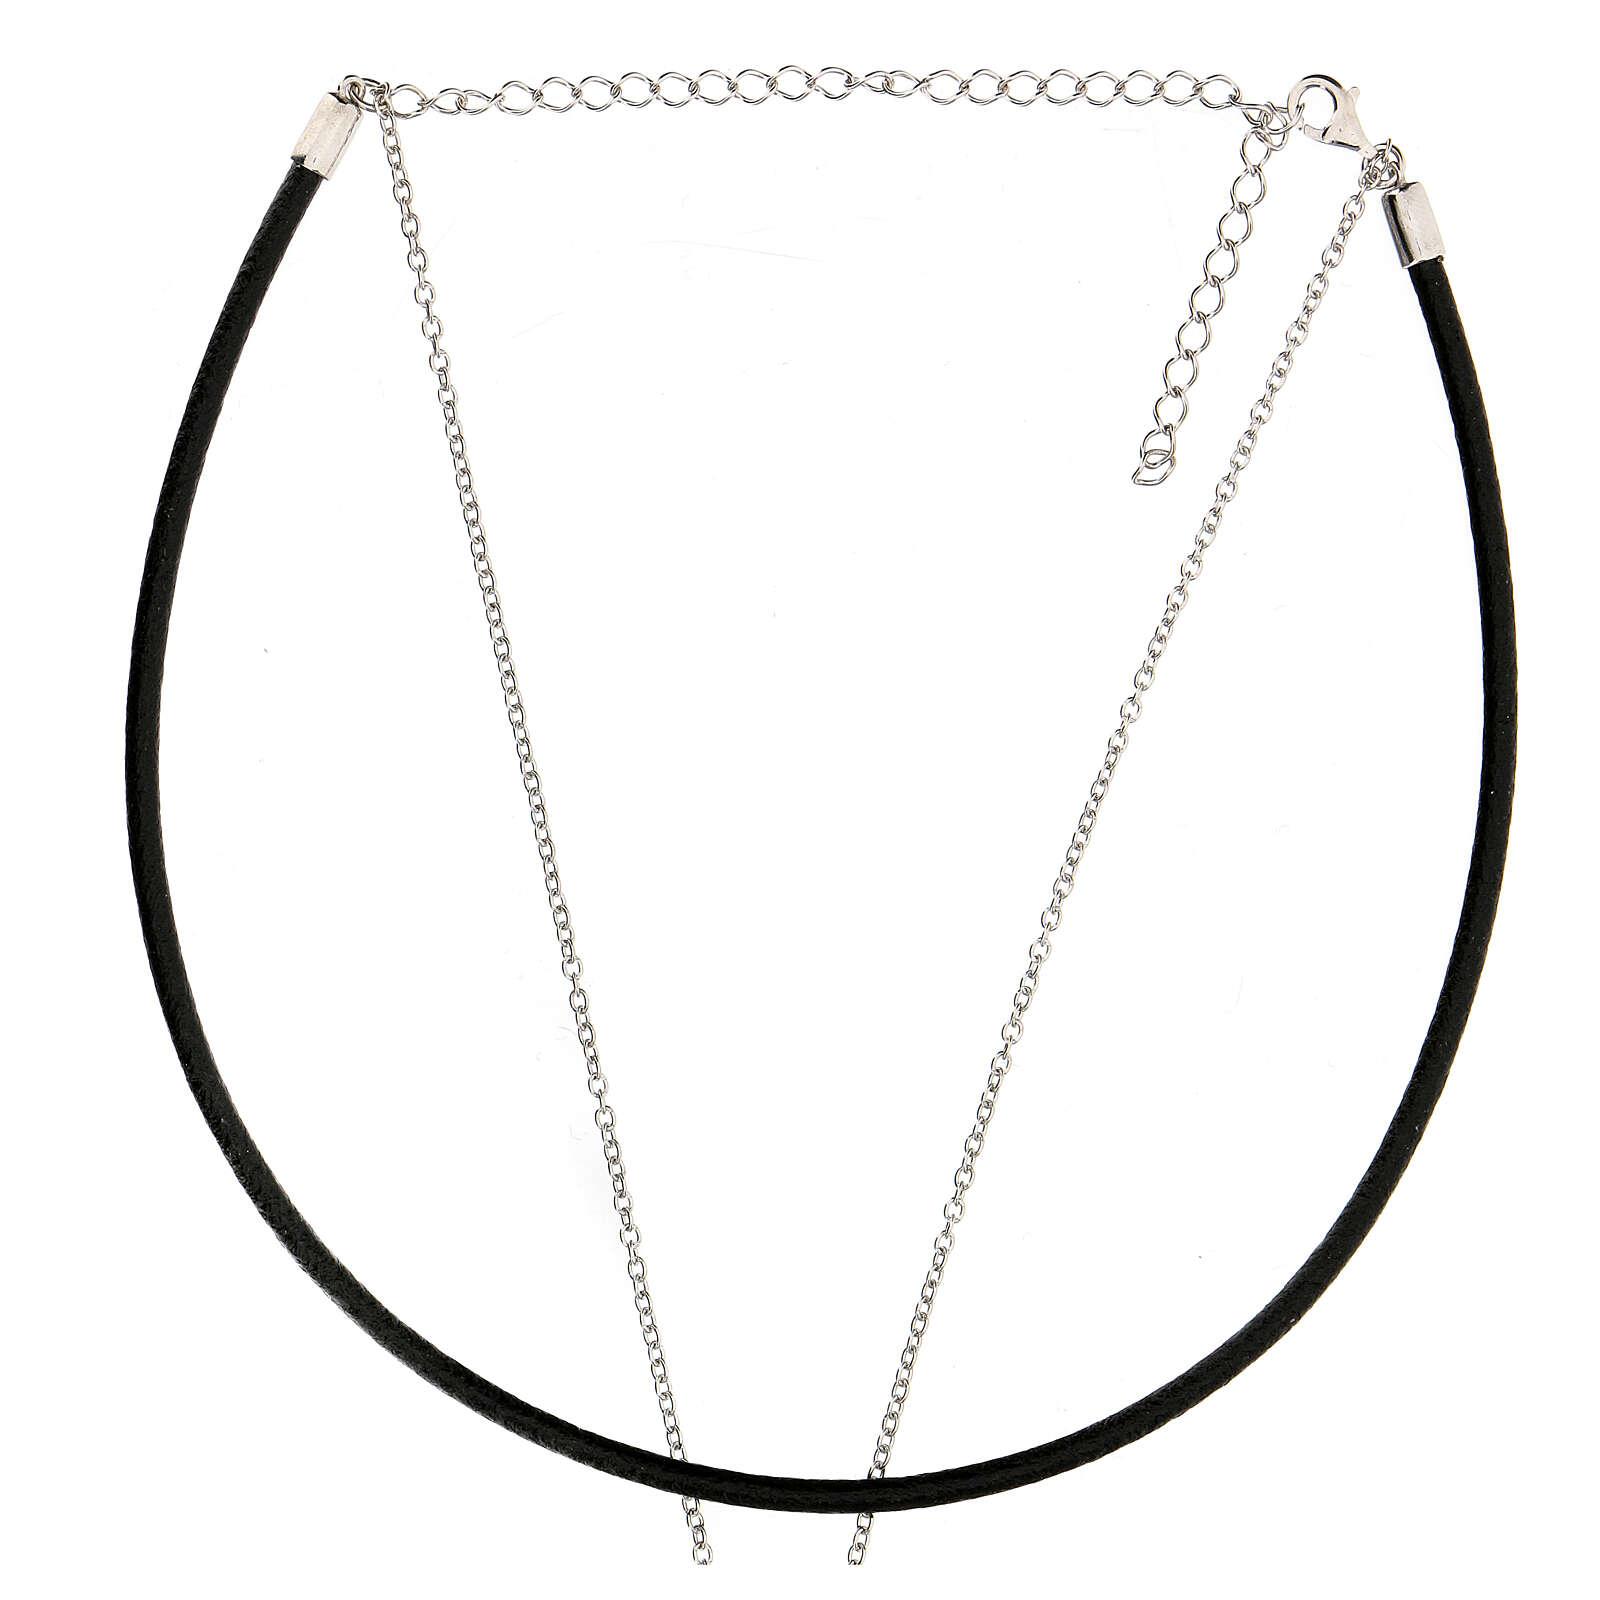 Girocollo croce argento 925 cuoio nero 4